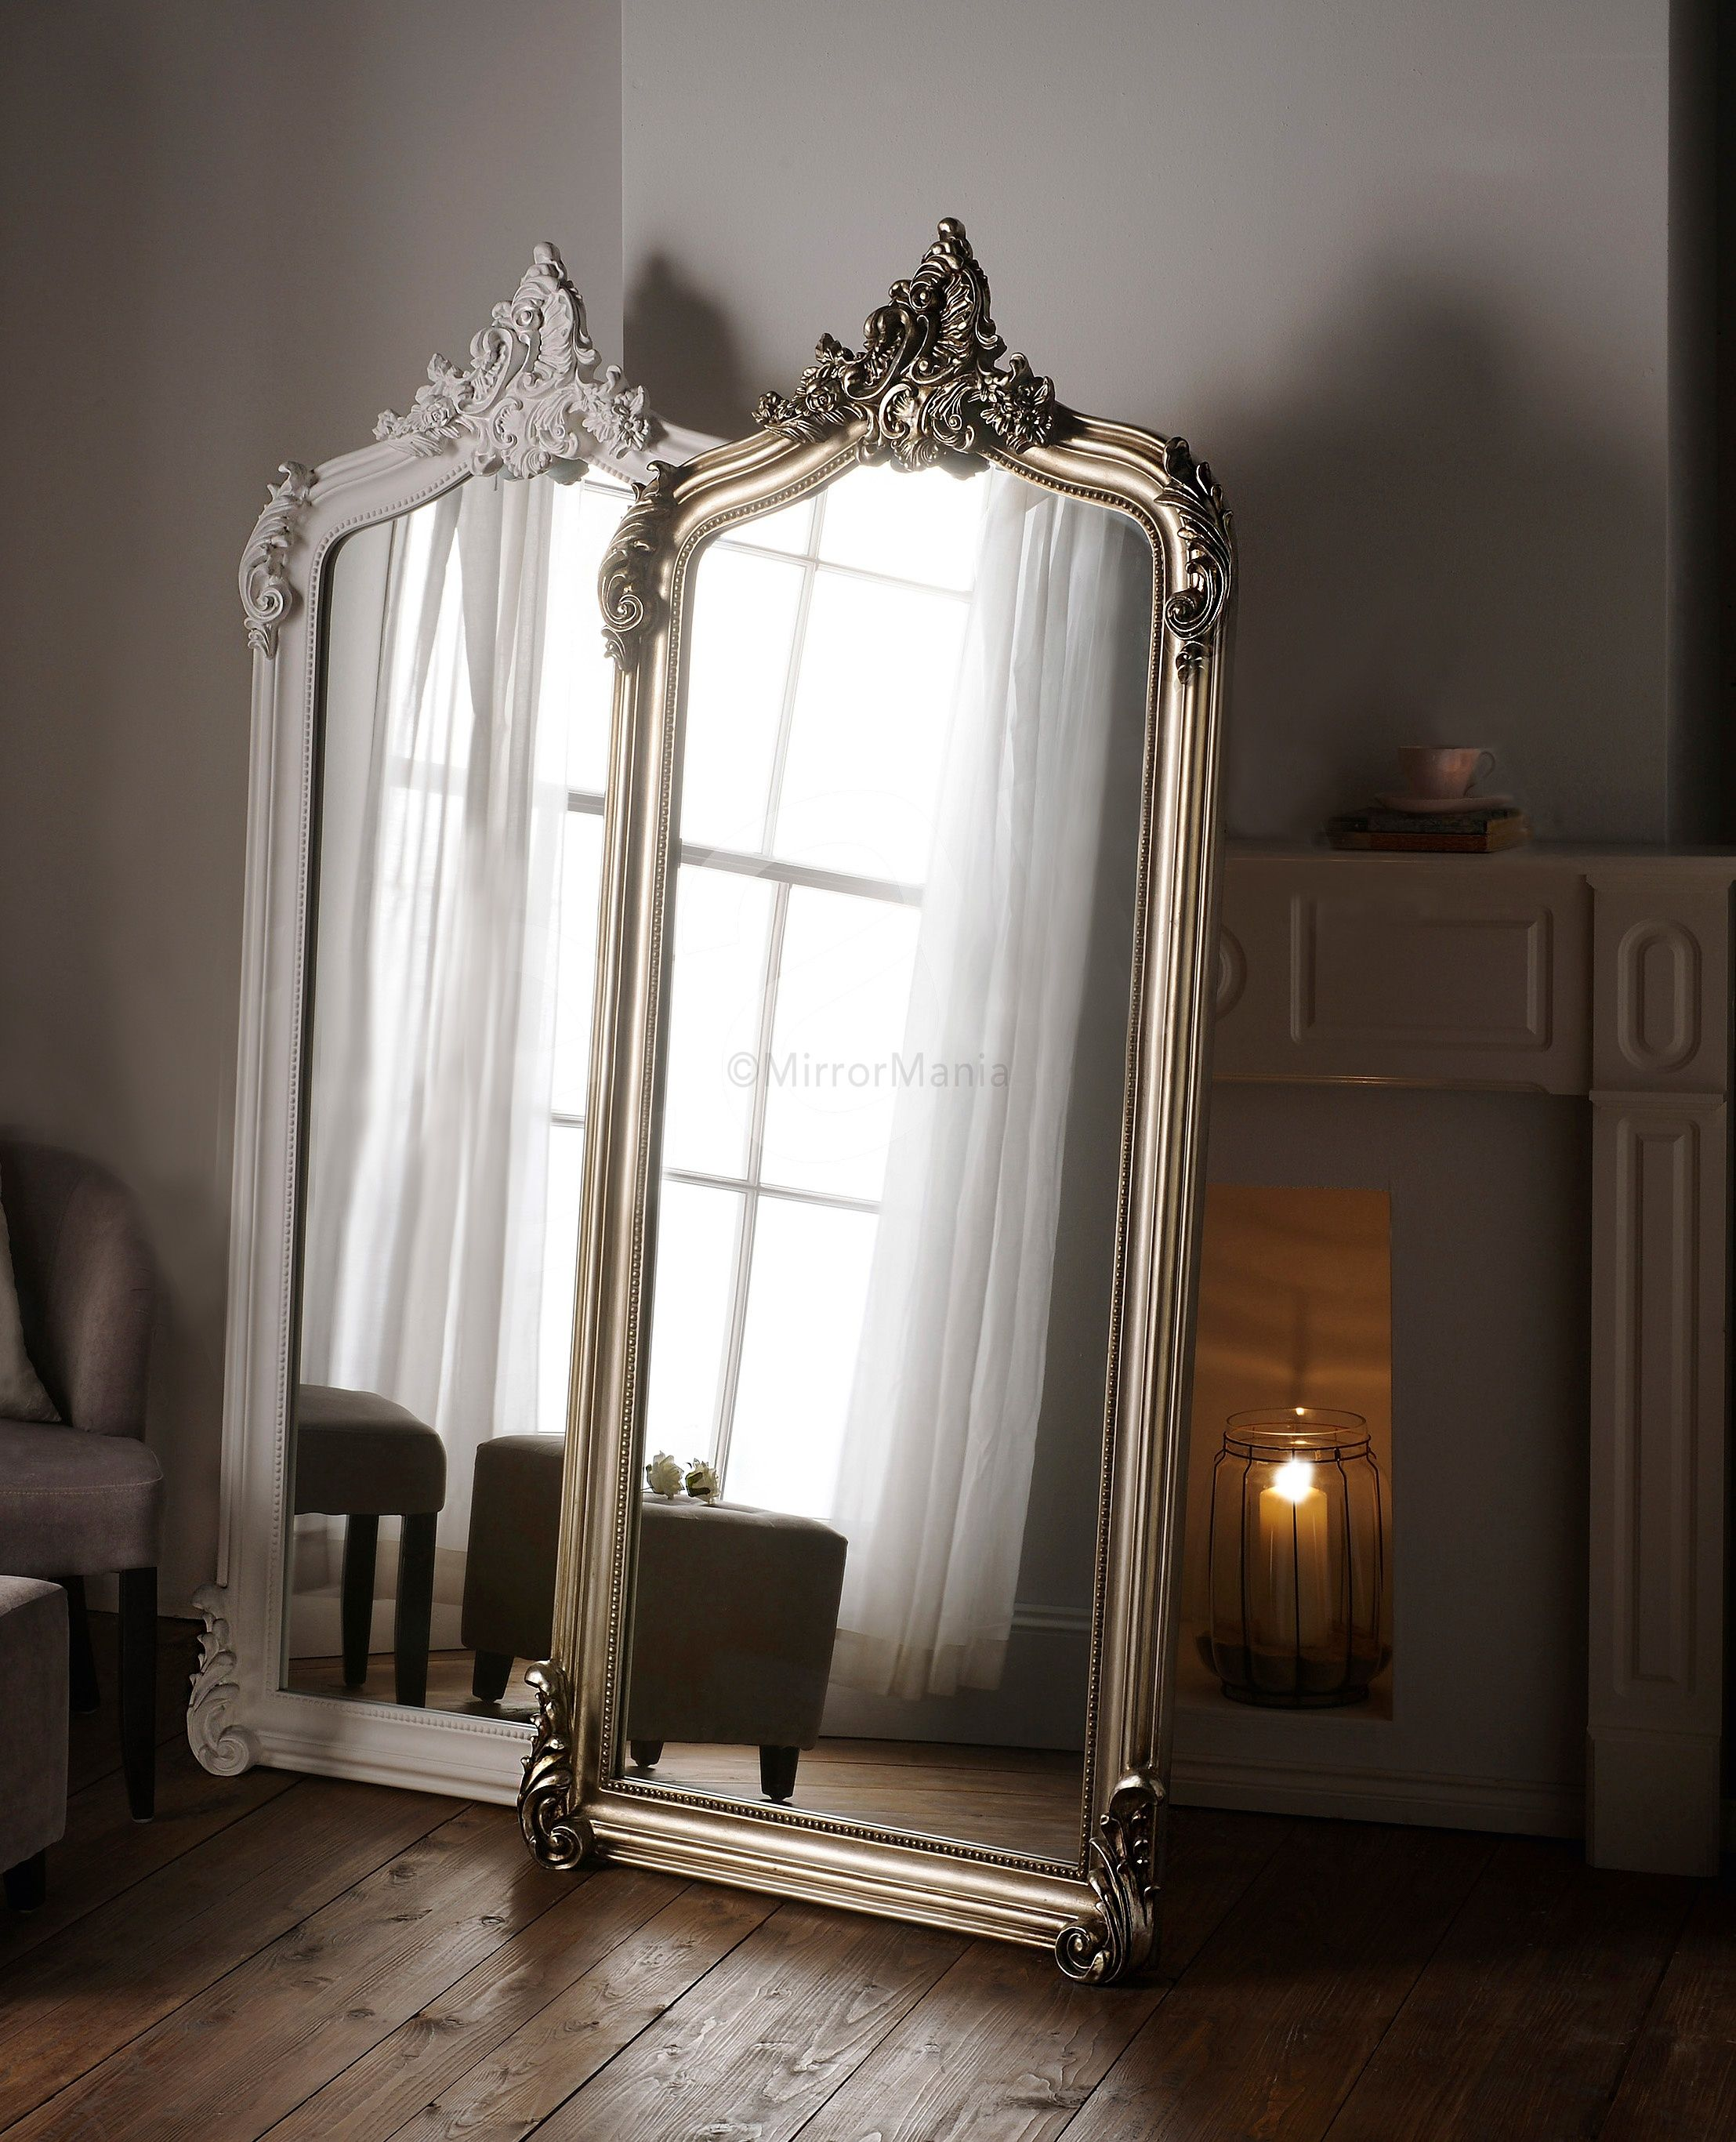 Nicoli ornate swept framed full length mirror all for Full length wall mirrors for bedroom